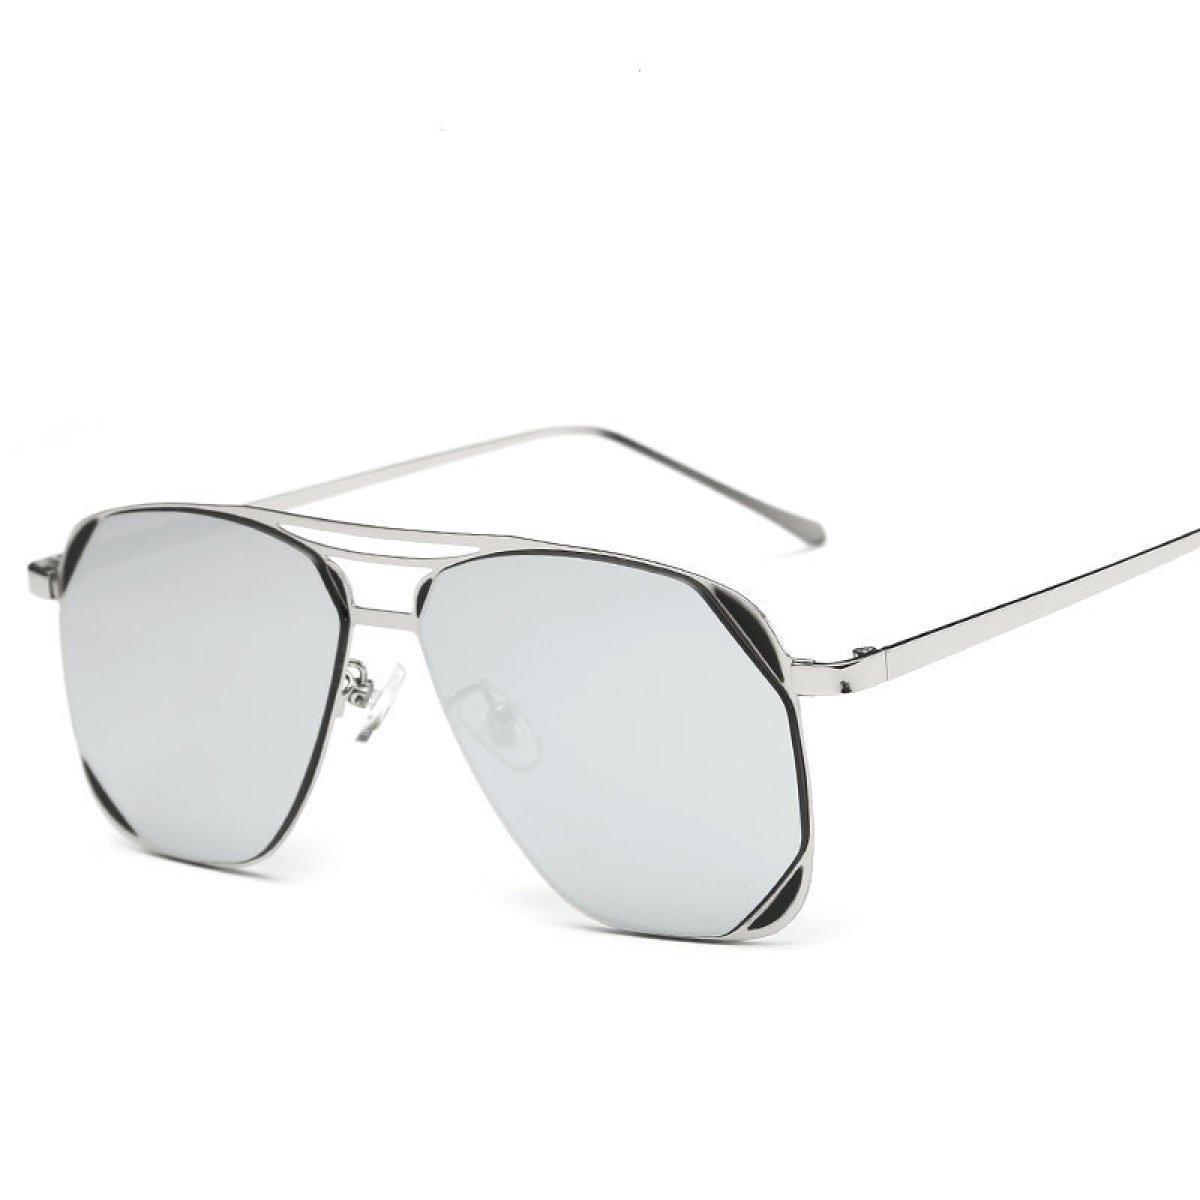 WKAIJC Männer Und Frauen Kasten Mode Individualität Komfort Freizeit Metall Farbe Bunt Sonnenbrillen Sonnenbrillen,D